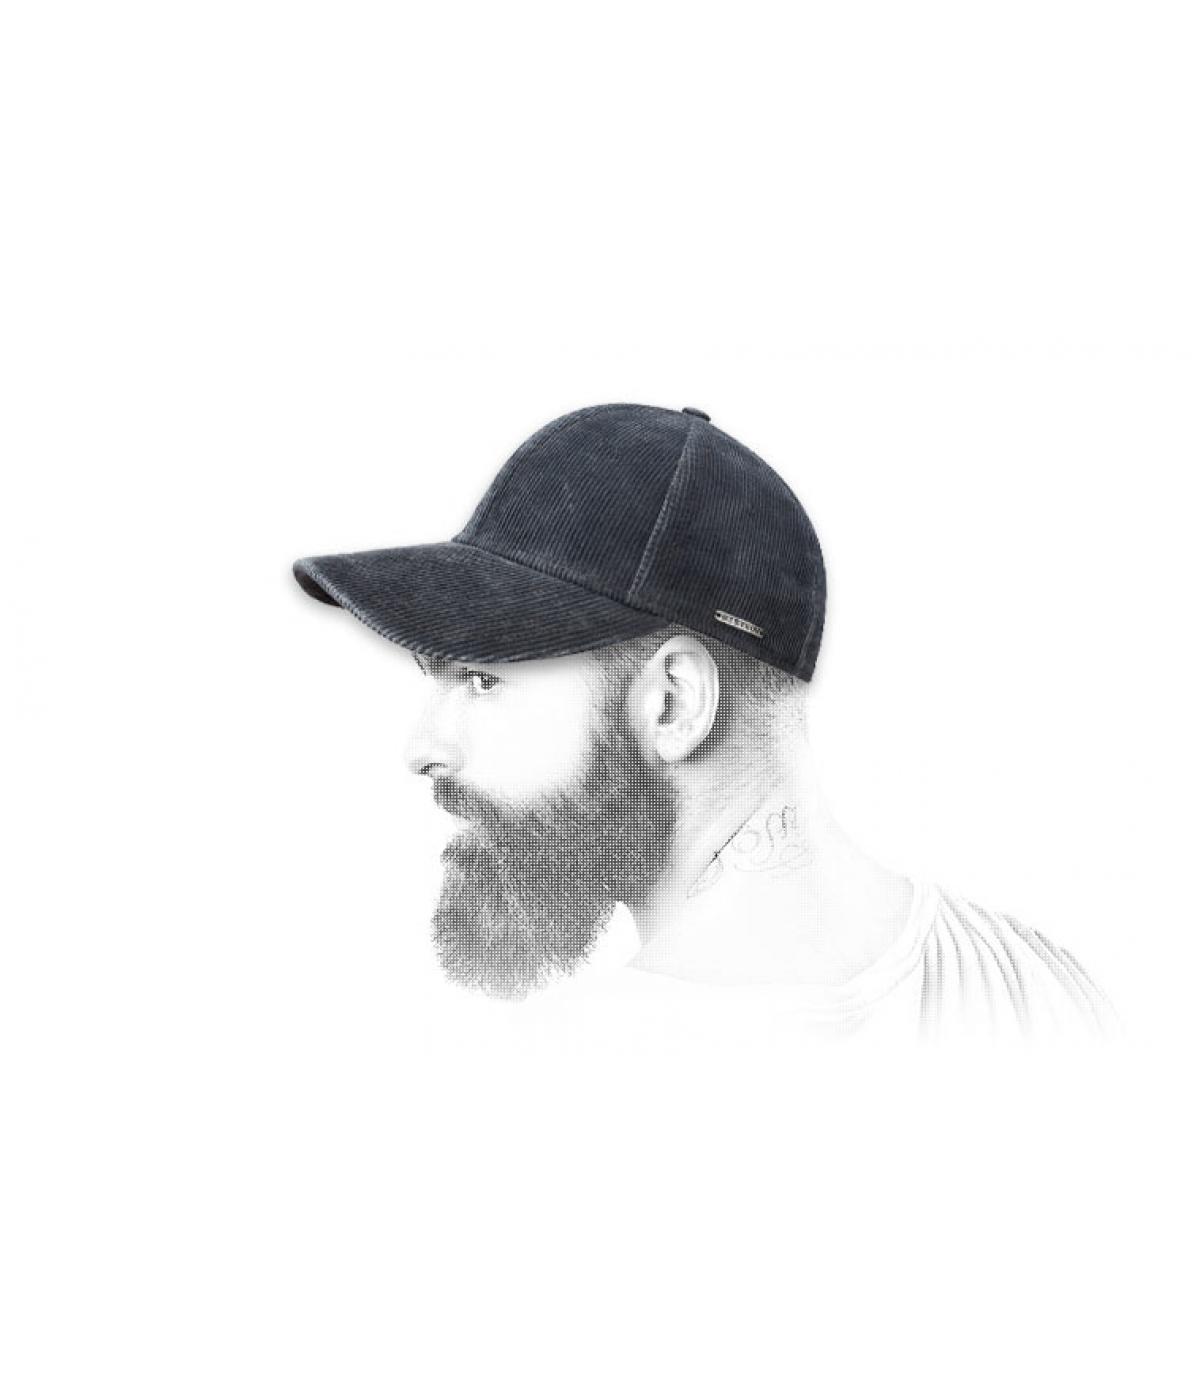 Blue velour baseball cap